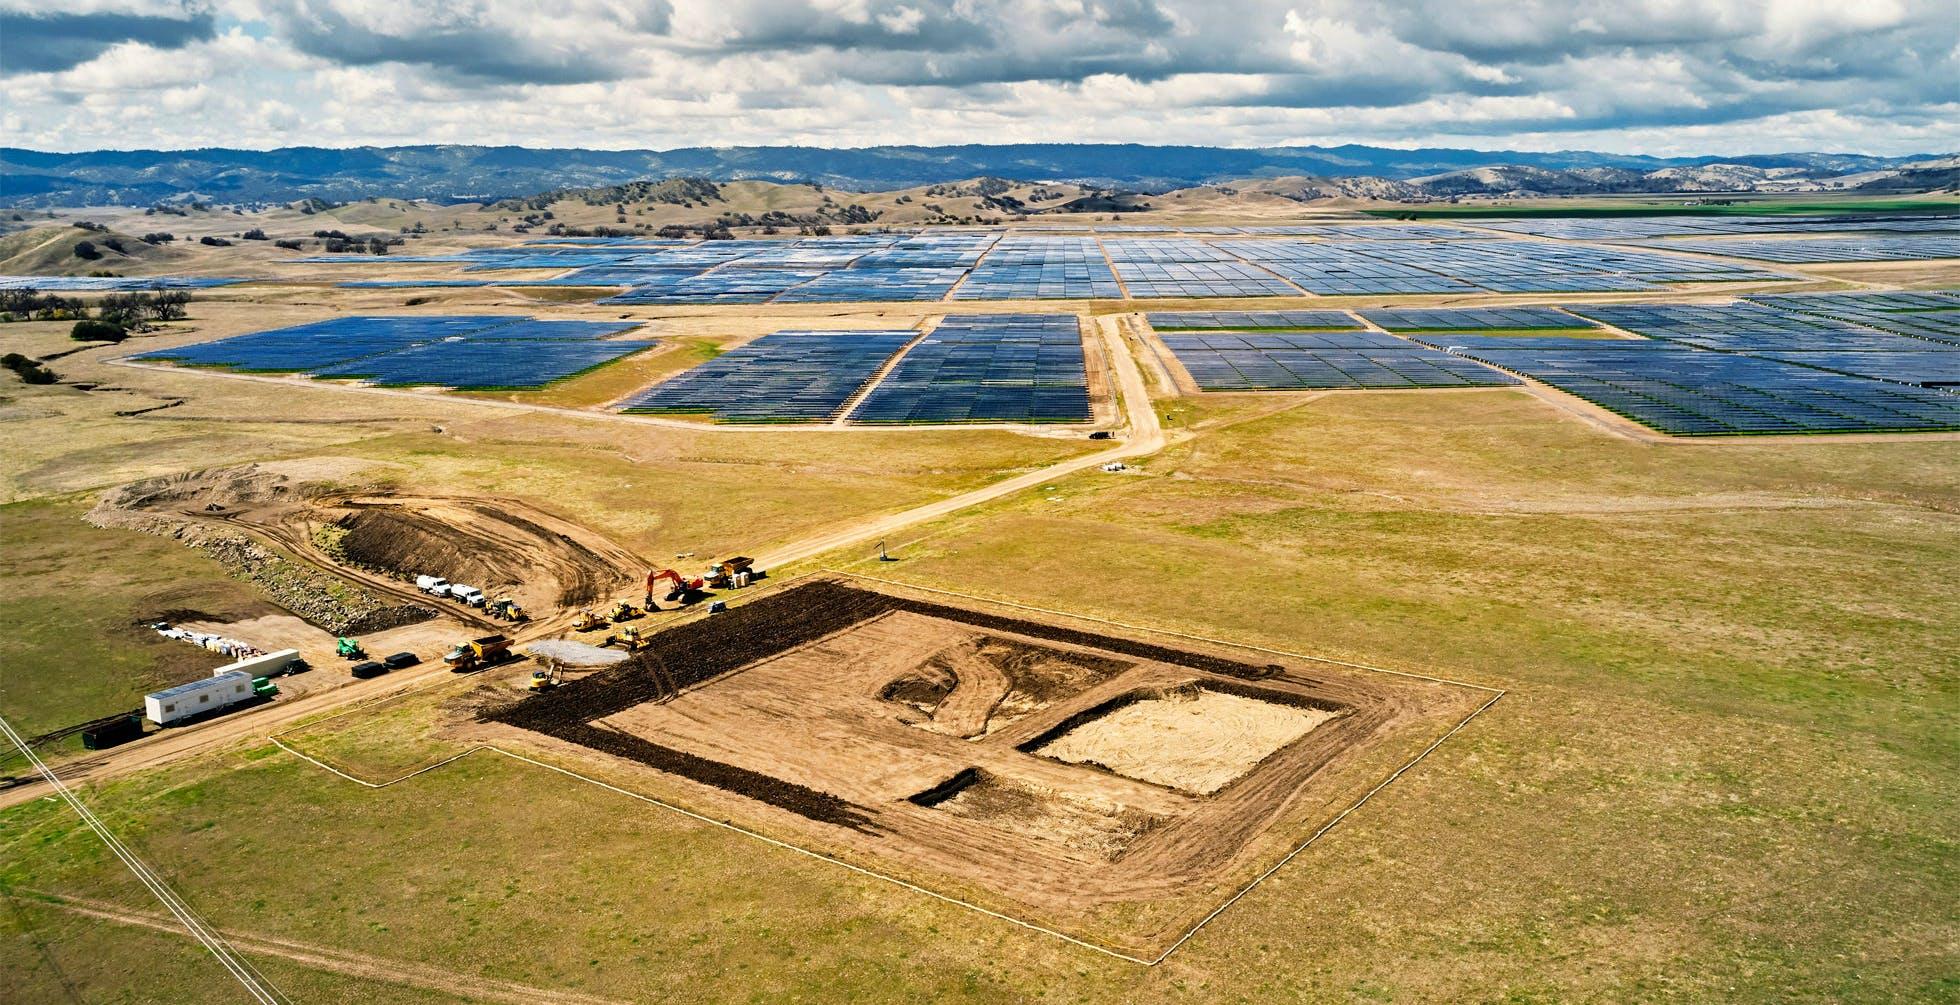 Apple sta costruendo una batteria gigante per immagazzinare l'energia solare: può alimentare una piccola città